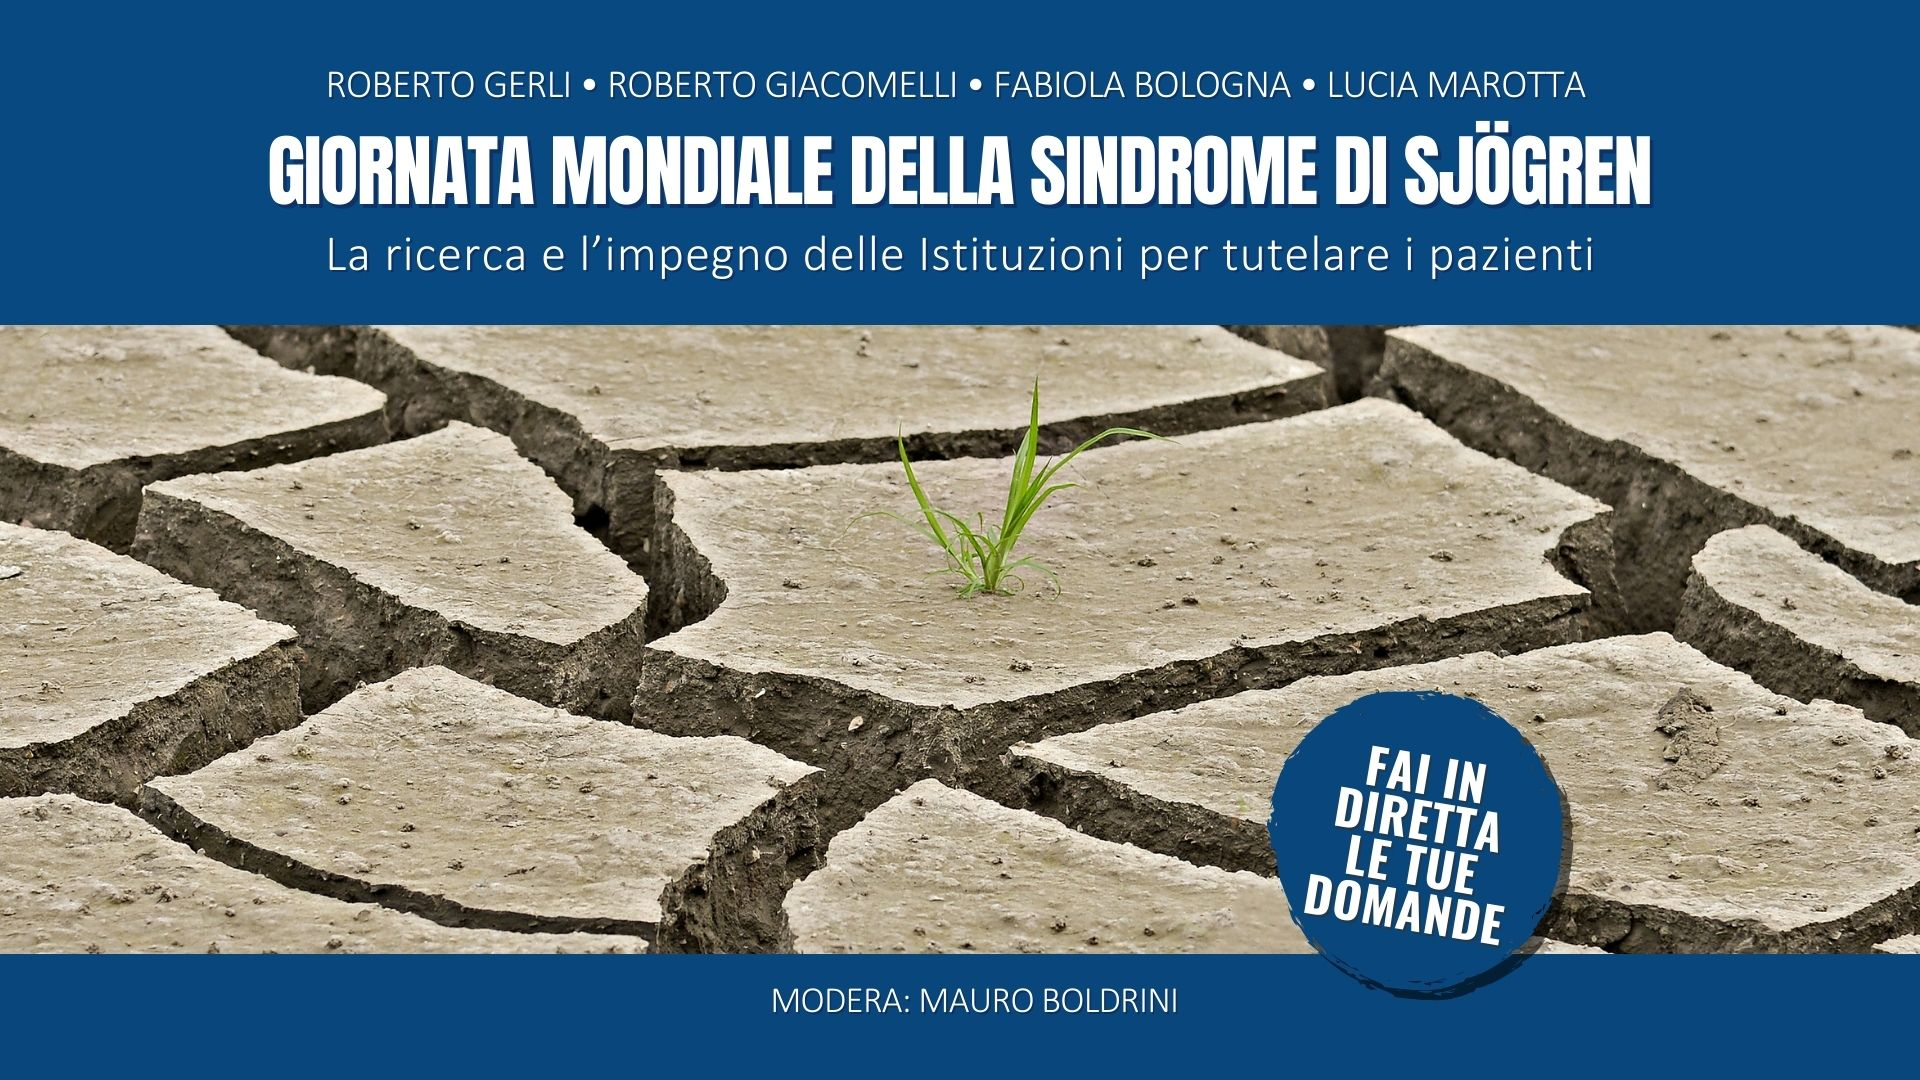 Giornata Mondiale della Sindrome di Sjögren